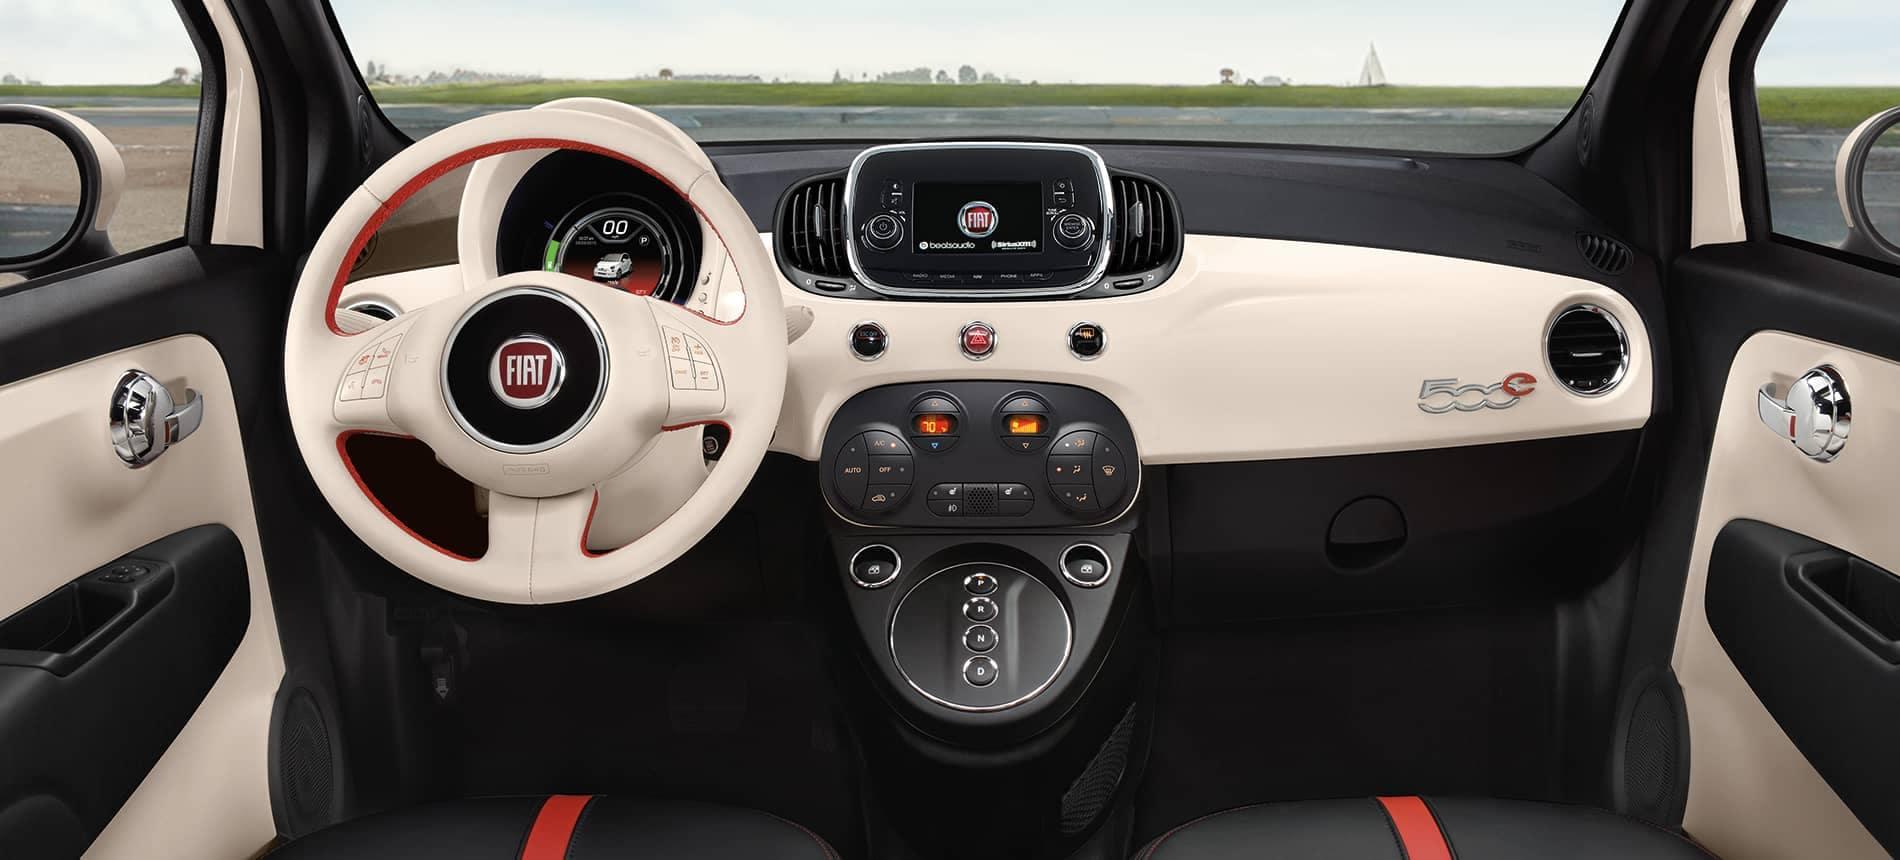 FIAT-interior